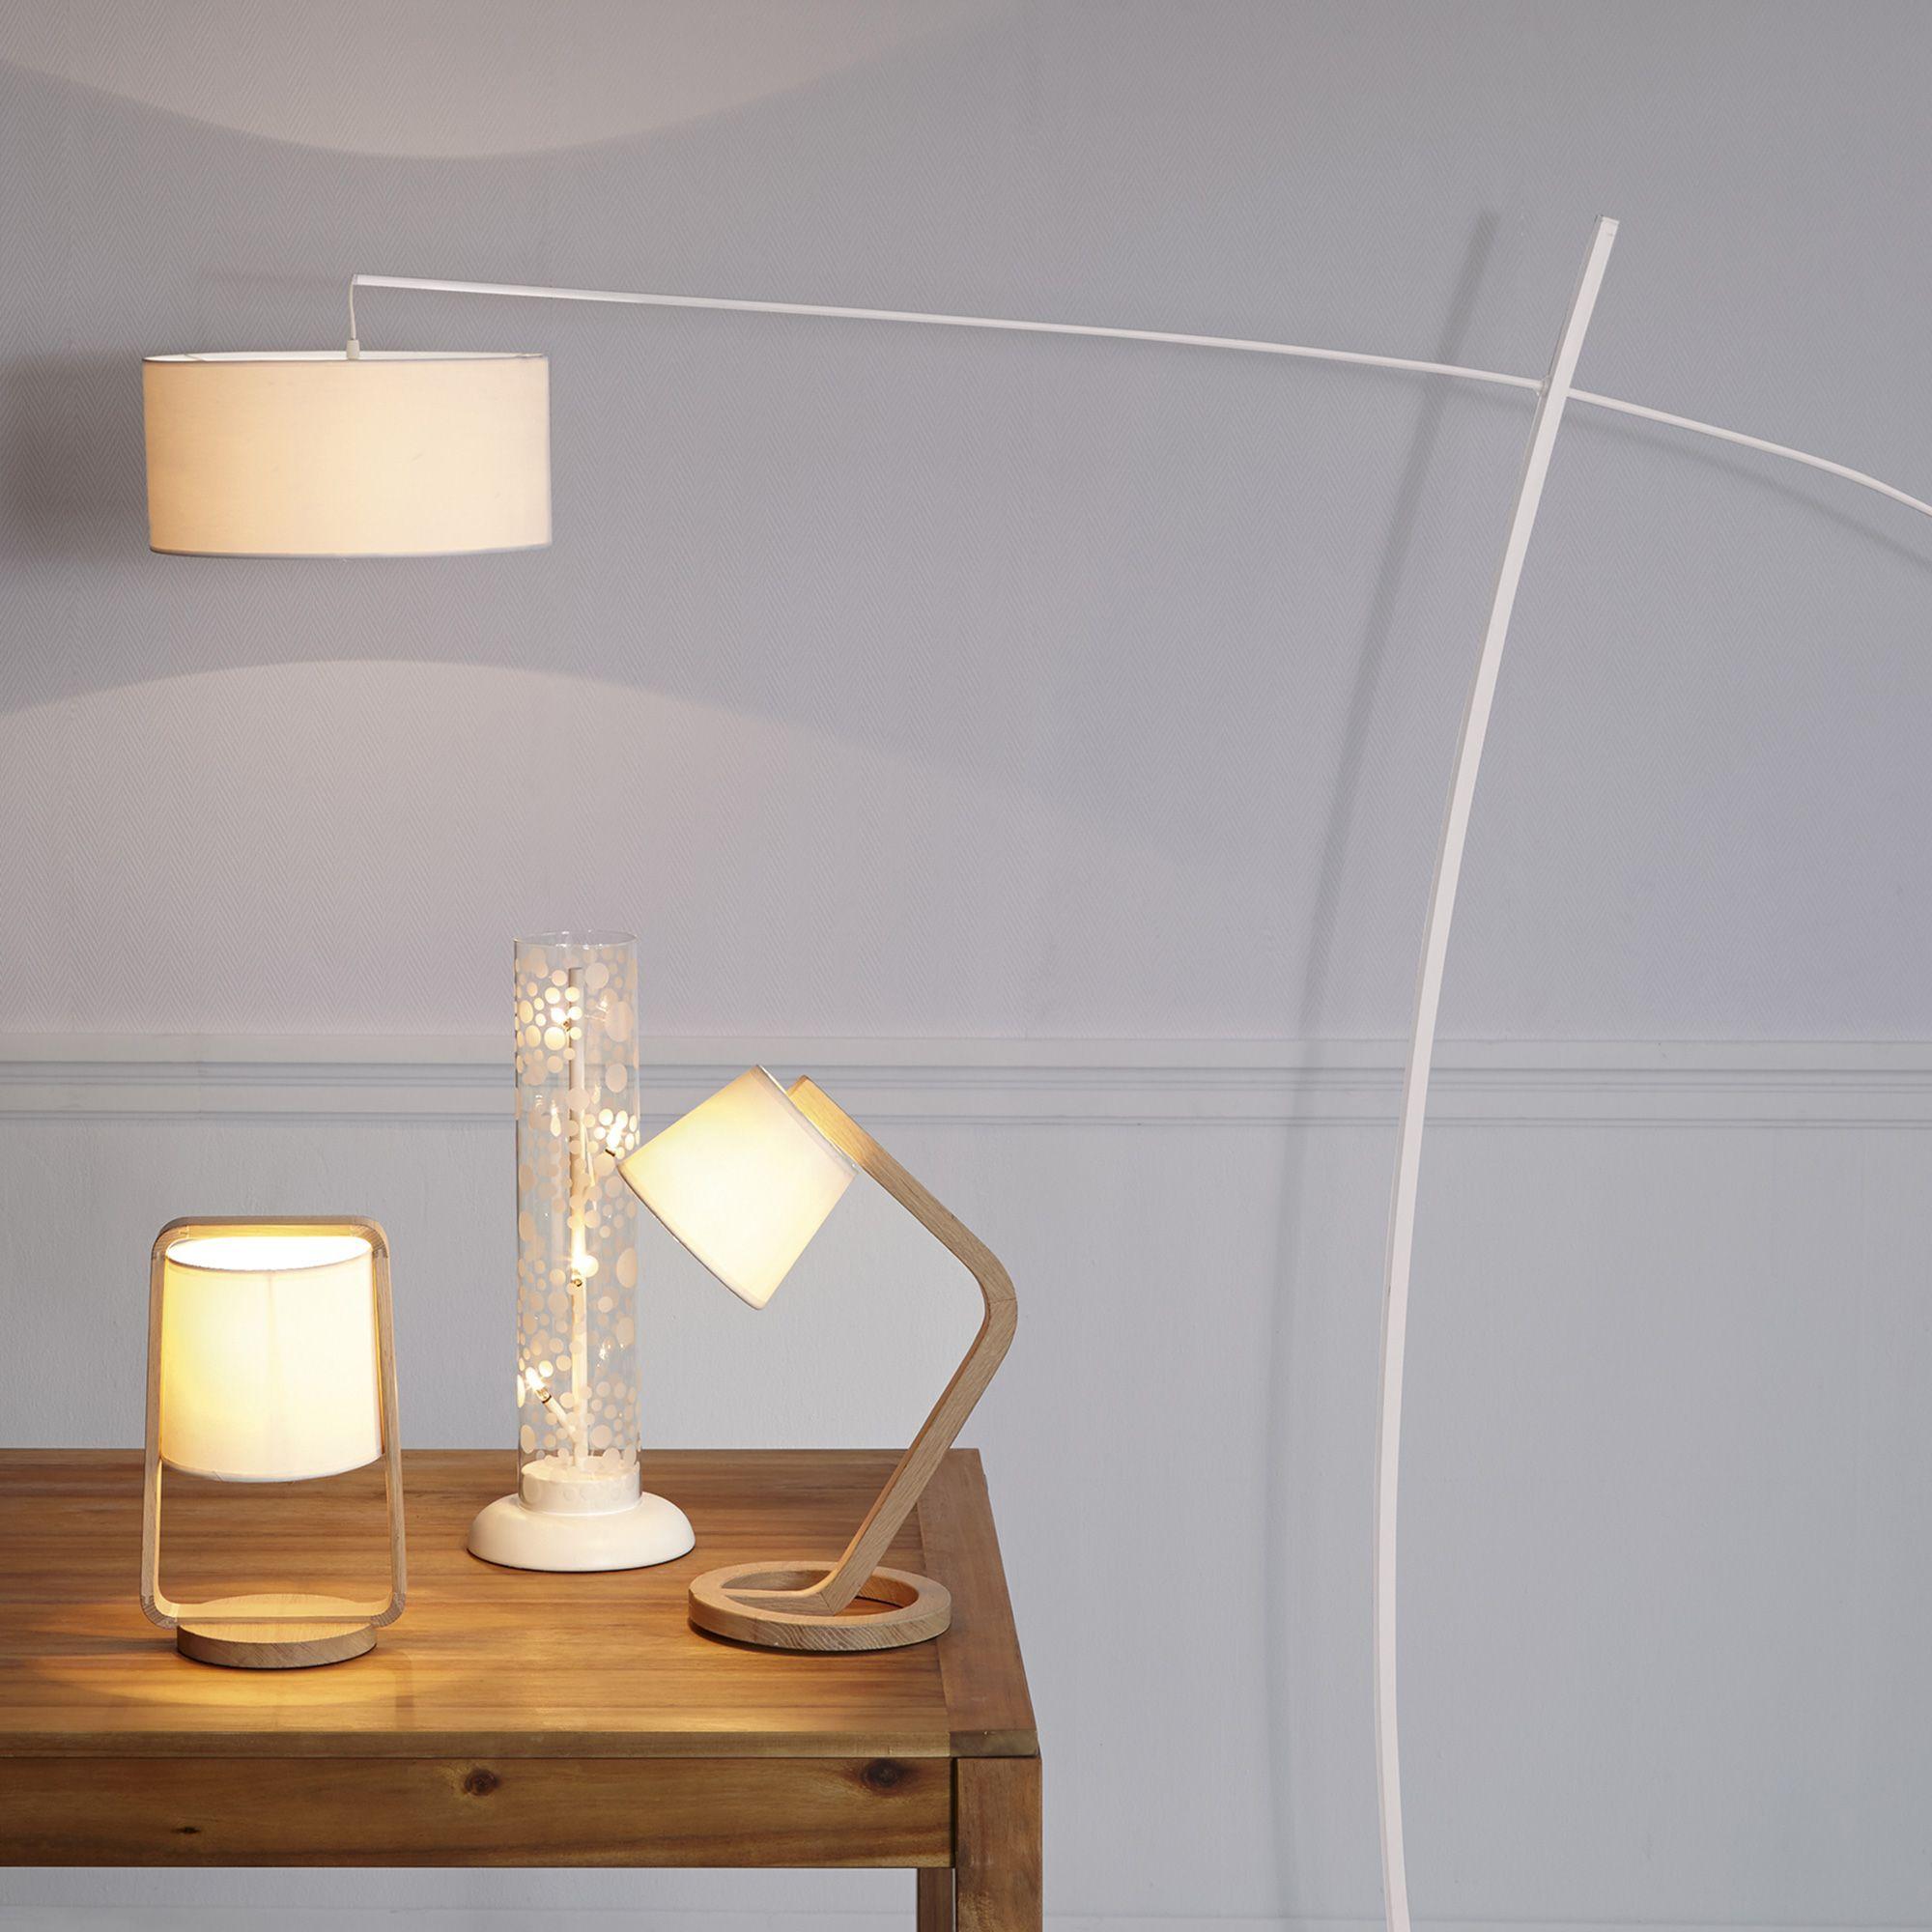 Lampe délicate en chêne legno lampes à poser luminaire chambre par